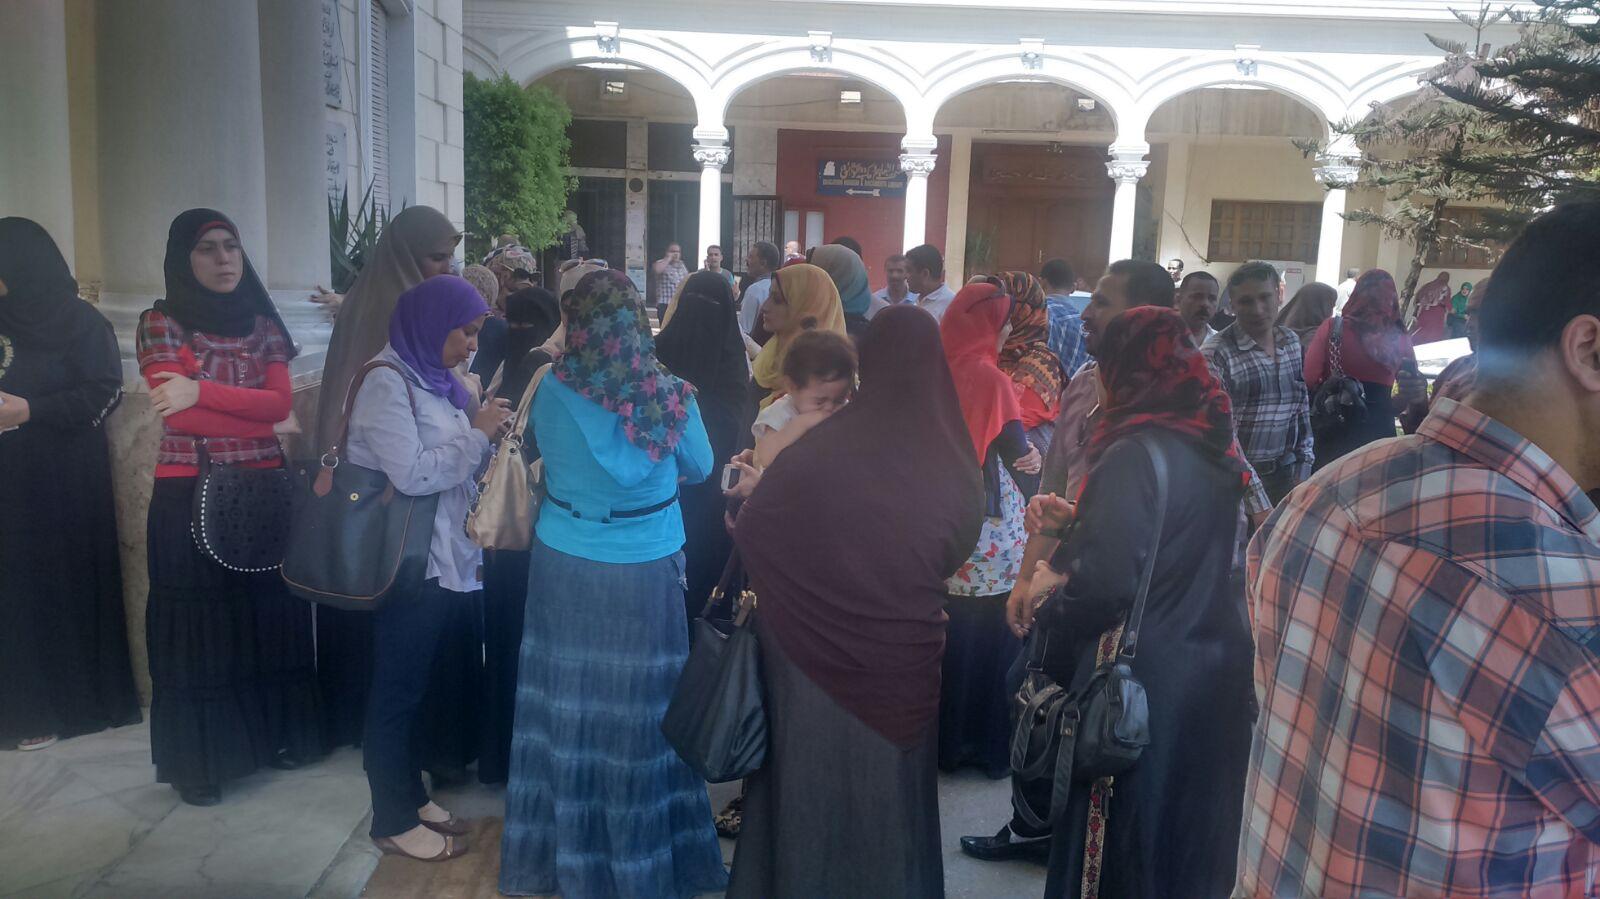 مدرسو مسابقة الـ 30 معلم يحتجون على نقلهم لمحافظات بعيدة.. و«الهلالي» يرفض لقاءهم